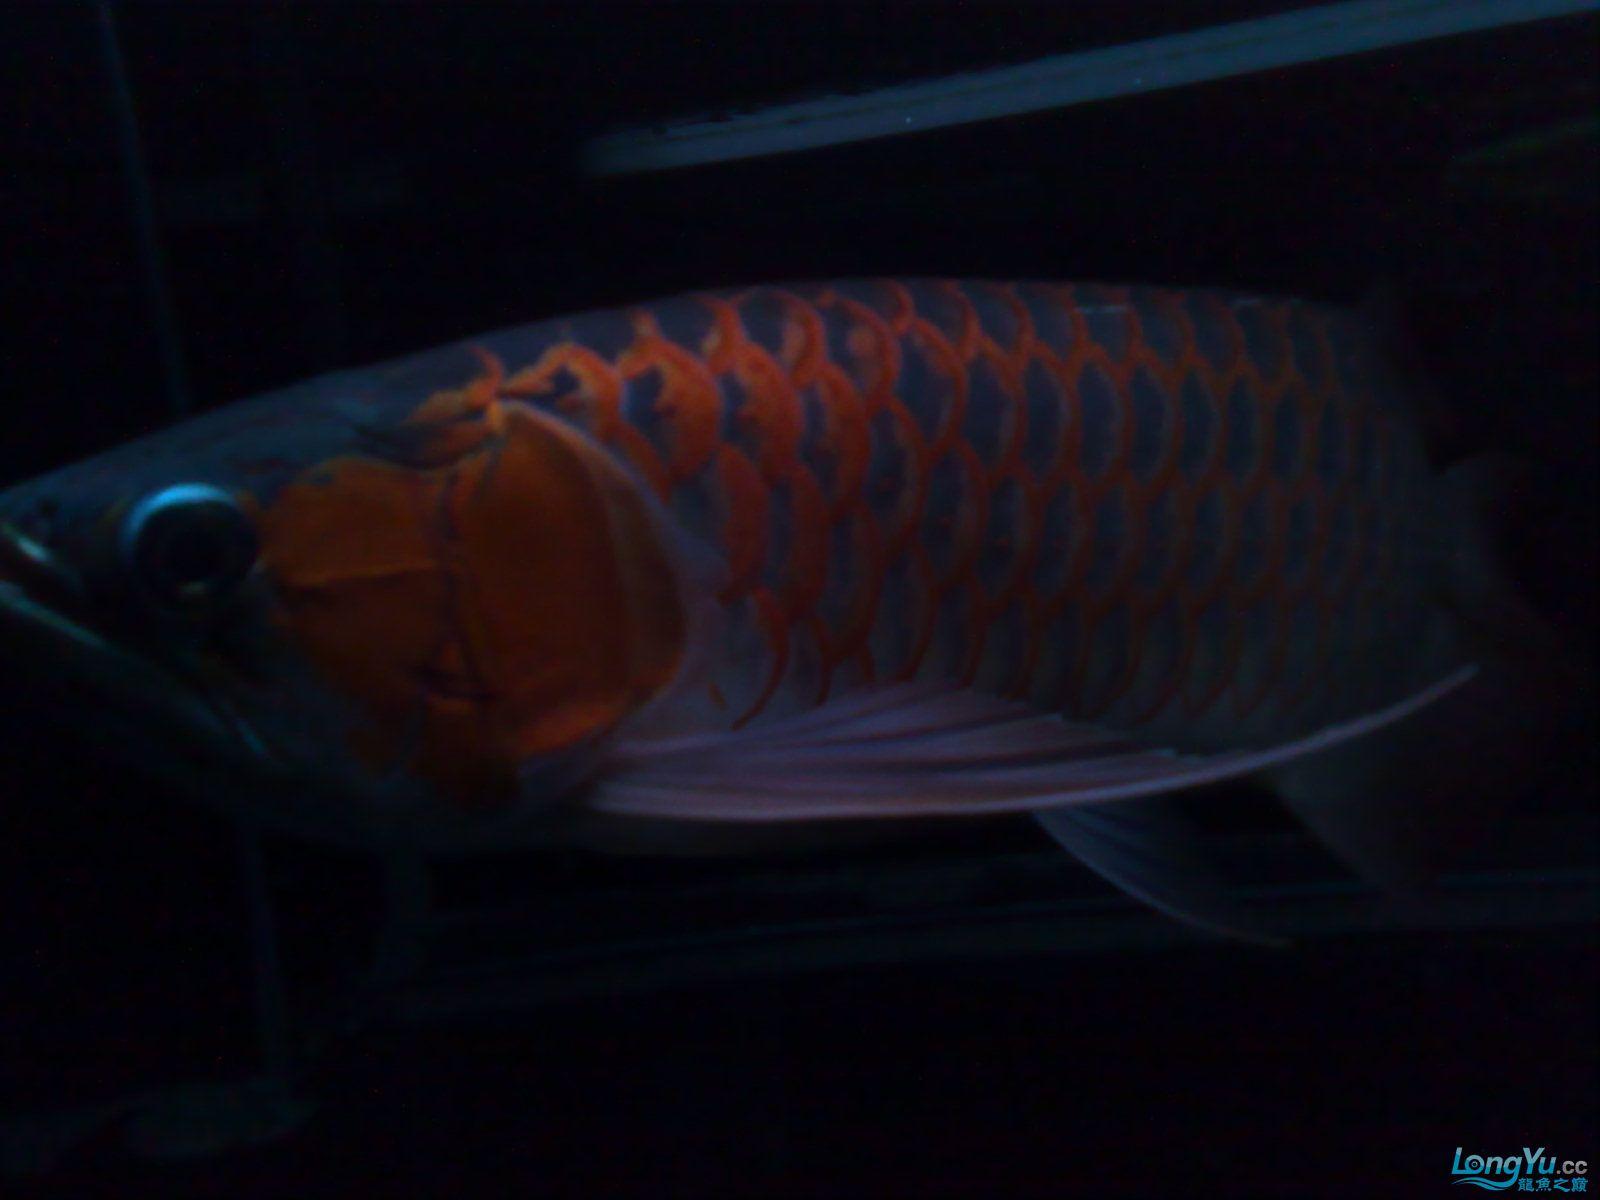 非常美丽的红龙 绵阳龙鱼论坛 绵阳水族批发市场第2张